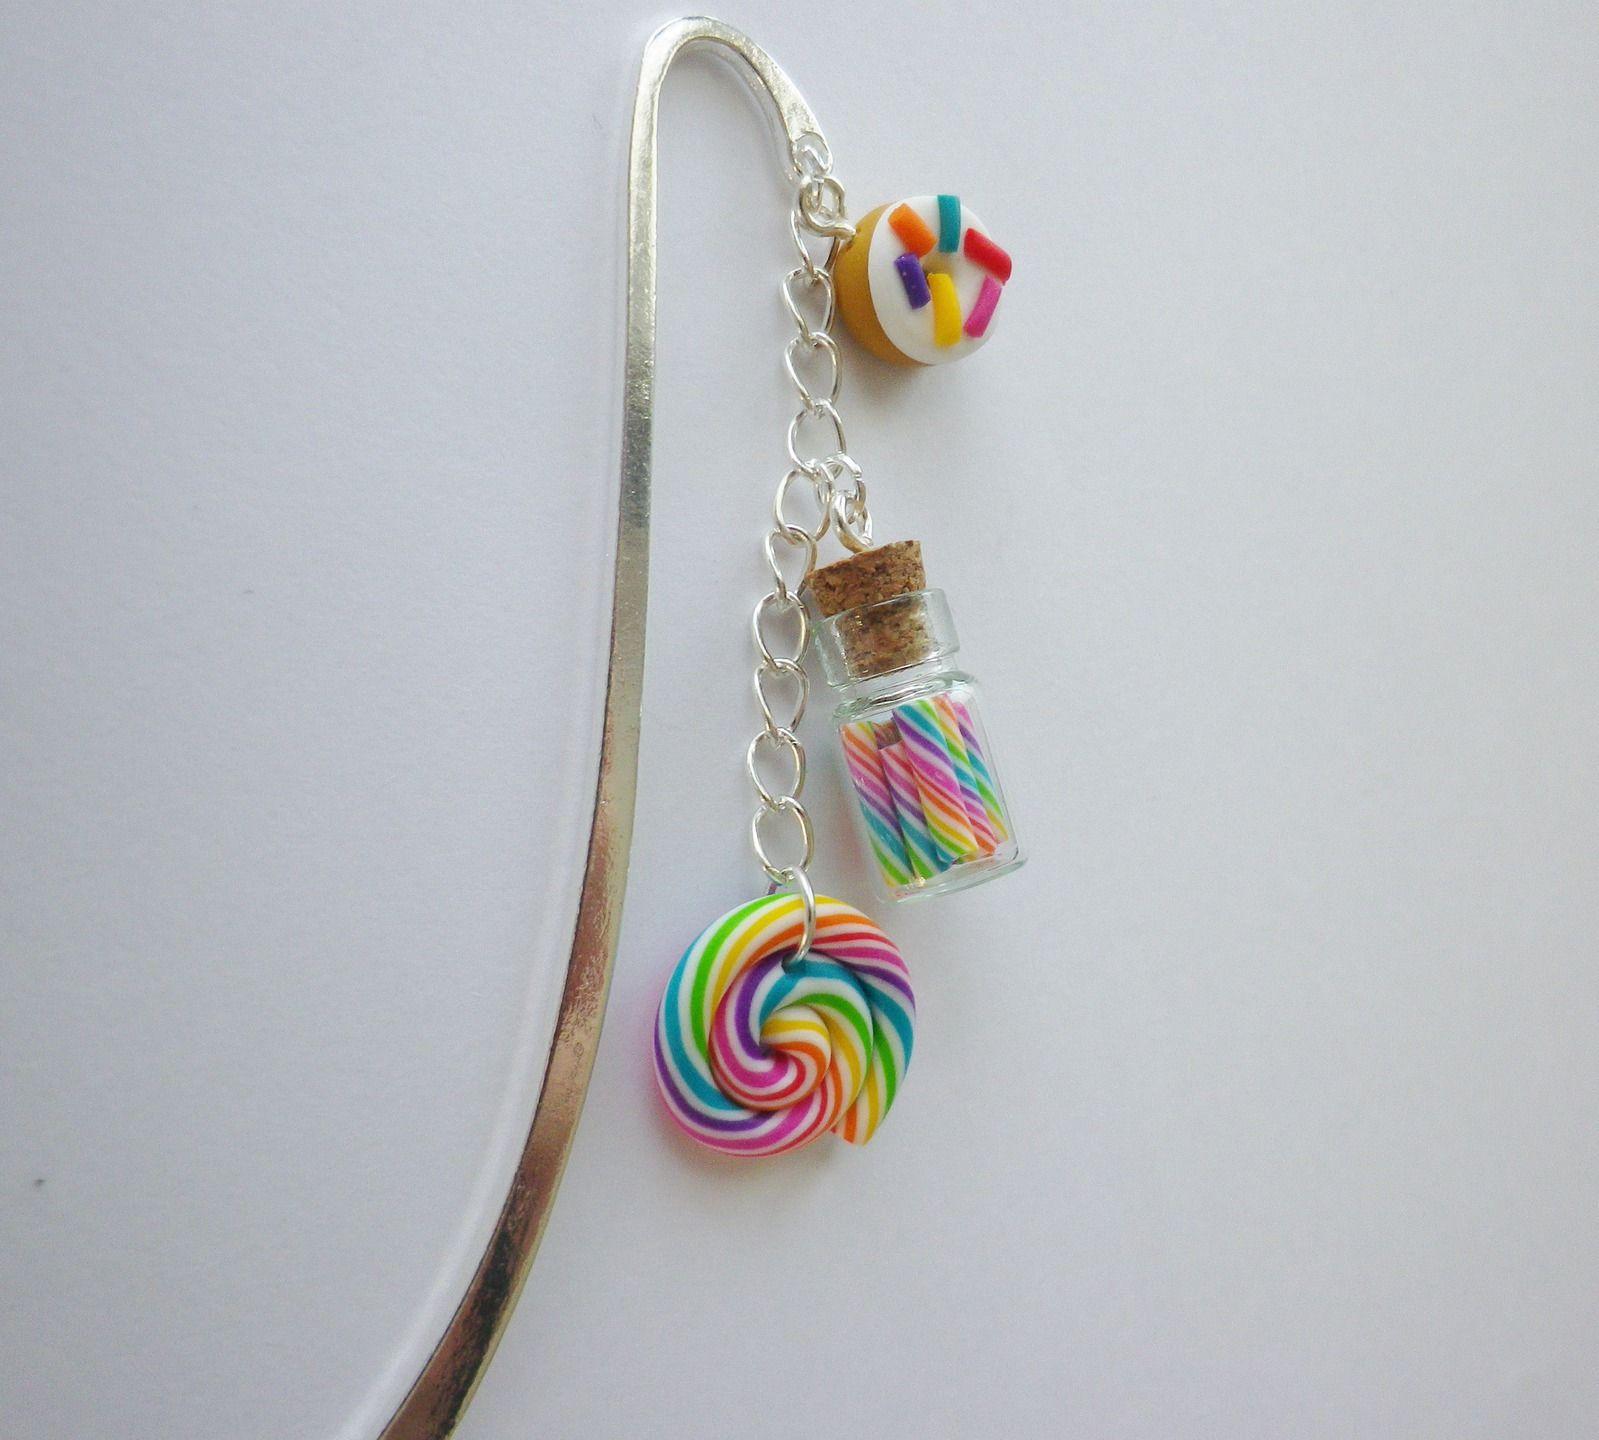 marque pages sucette lolipop fiole sucre d orge multicolore cadeau unique : Marque-pages par fimo-relie